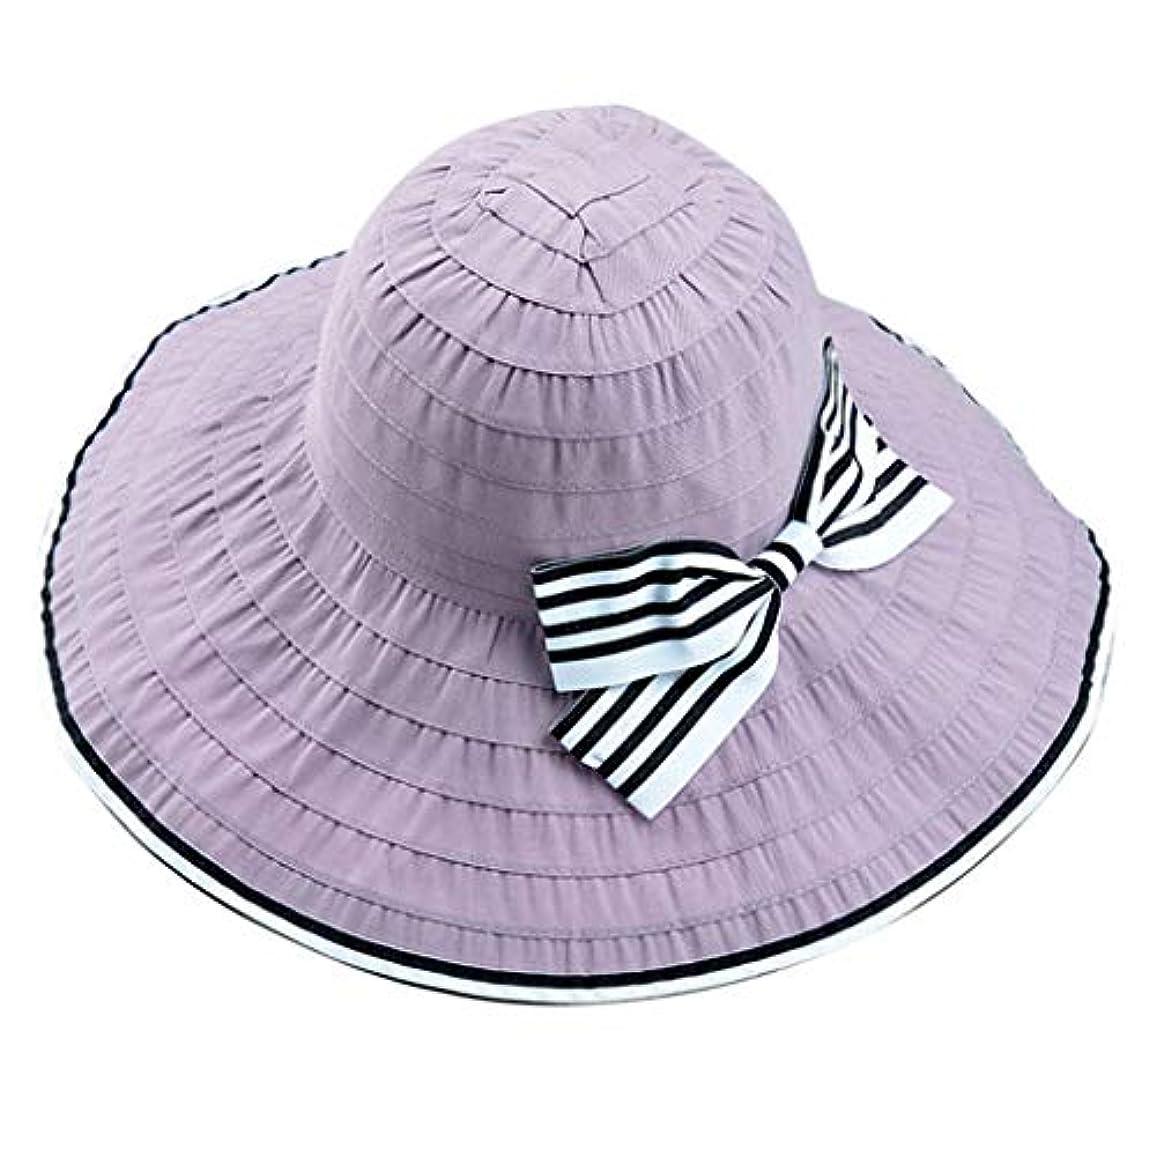 所持熟したアサー帽子 サイズ調整 テープ ハット 黒 ニット帽 ビーチサンダル ターバン 夏 ベレー帽 レディース 女優帽 日よけ 熱中症予防 日焼け 折りたたみ 持ち運び つば広 自転車 飛ばない 夏 春 サイドリボン ROSE ROMAN